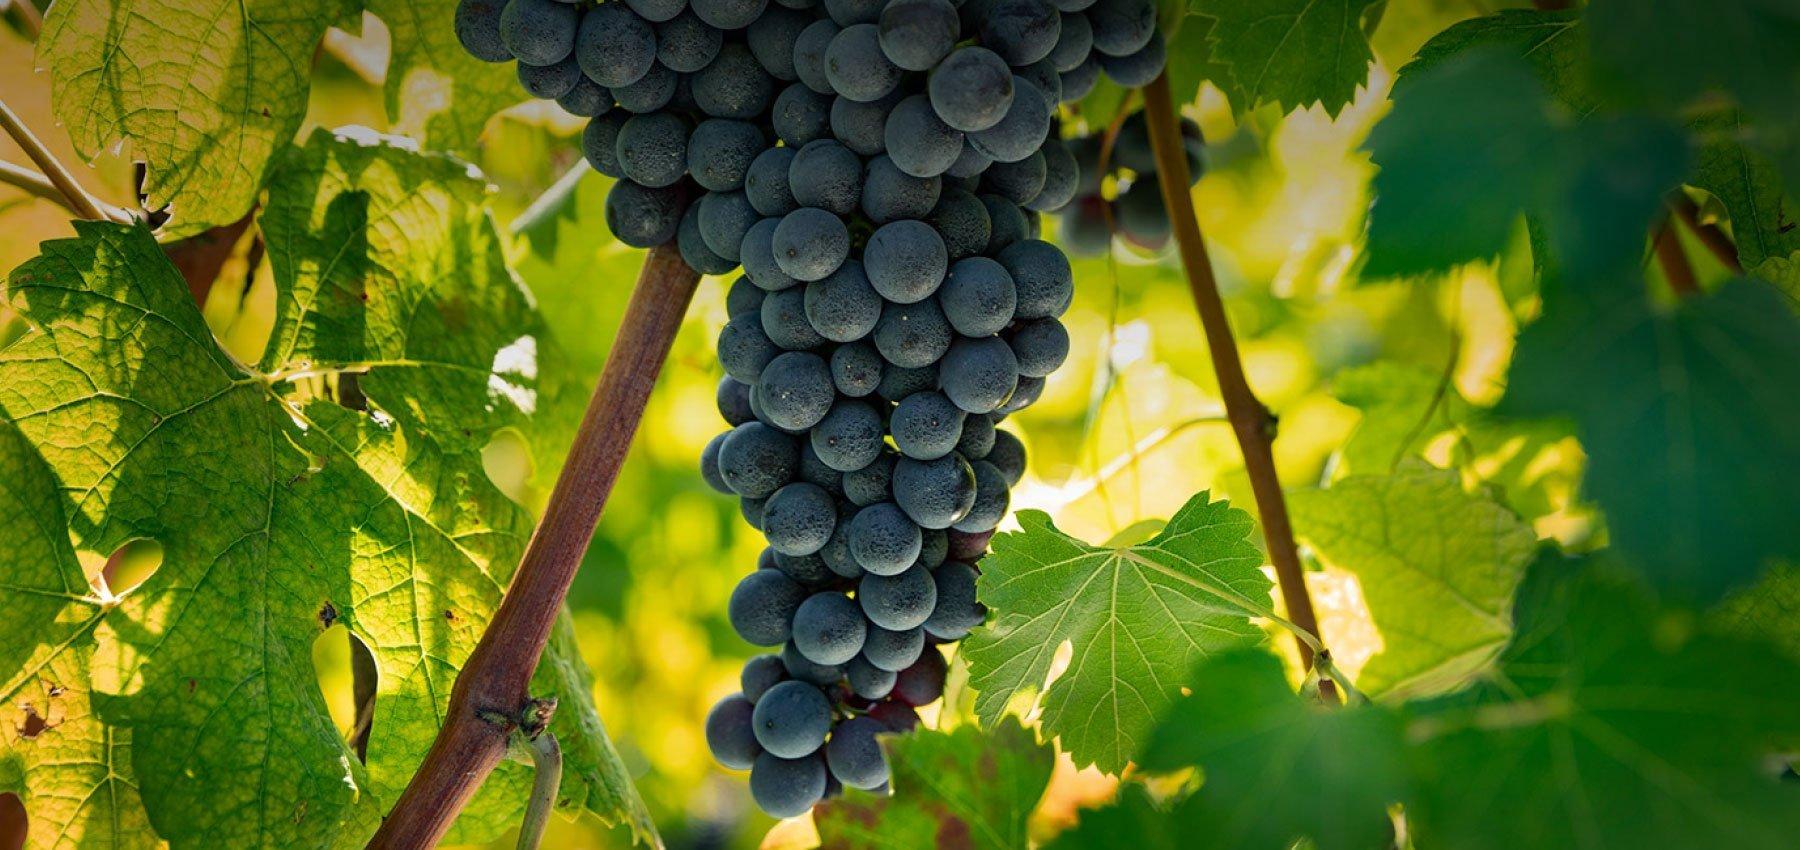 Azienda Agricola Le Ginestre - Cantina e vendita vini a Grinzane Cavour